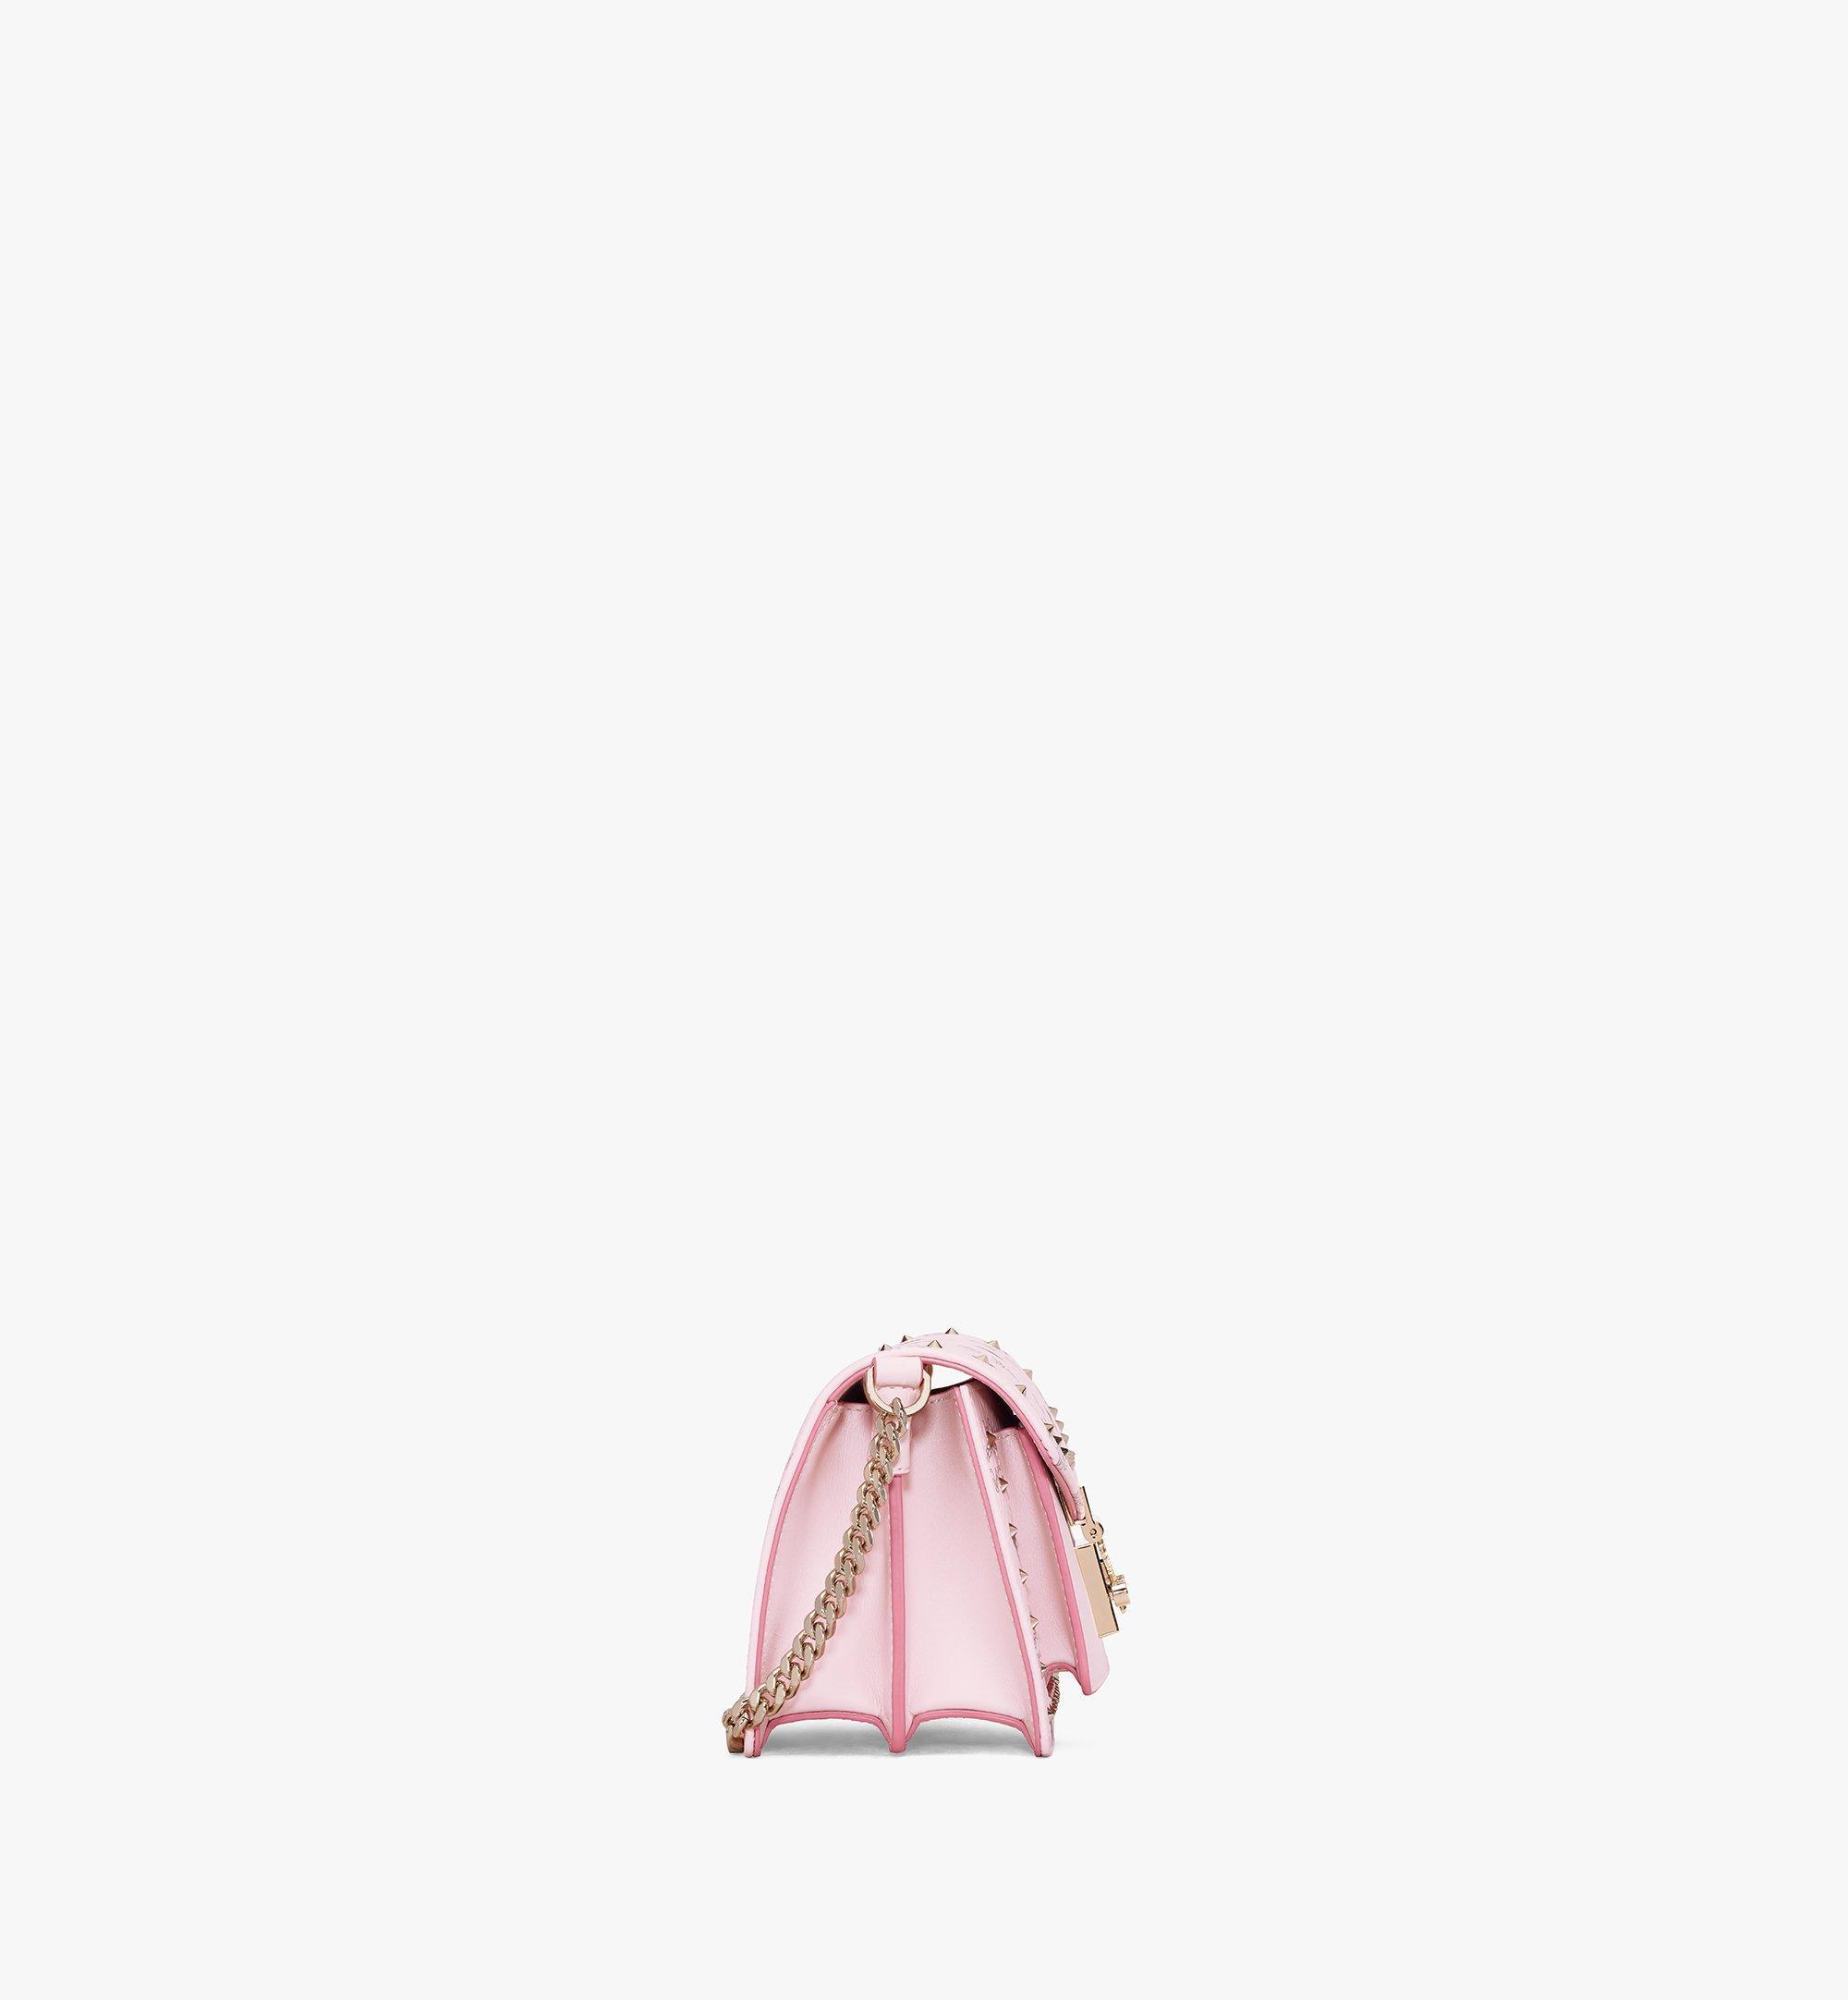 MCM 〈パトリシア〉クロスボディバッグ - スタッズ アウトライン ヴィセトス Pink MWRAAPA04QH001 ほかの角度から見る 1